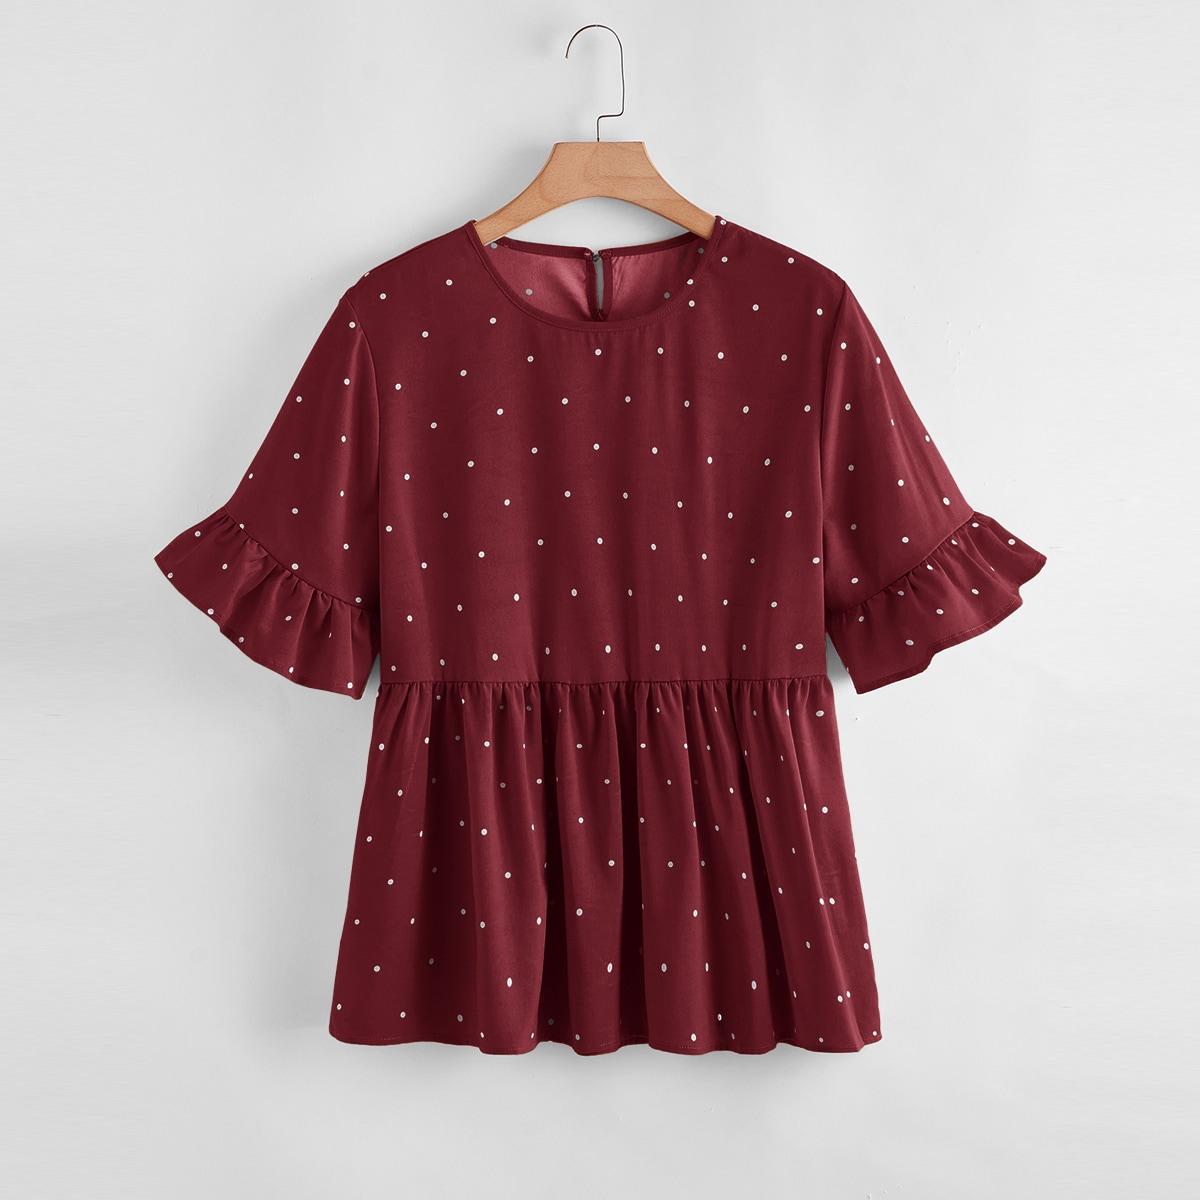 Каштановый Пуговица В горошек Повседневный Блузы размер плюс